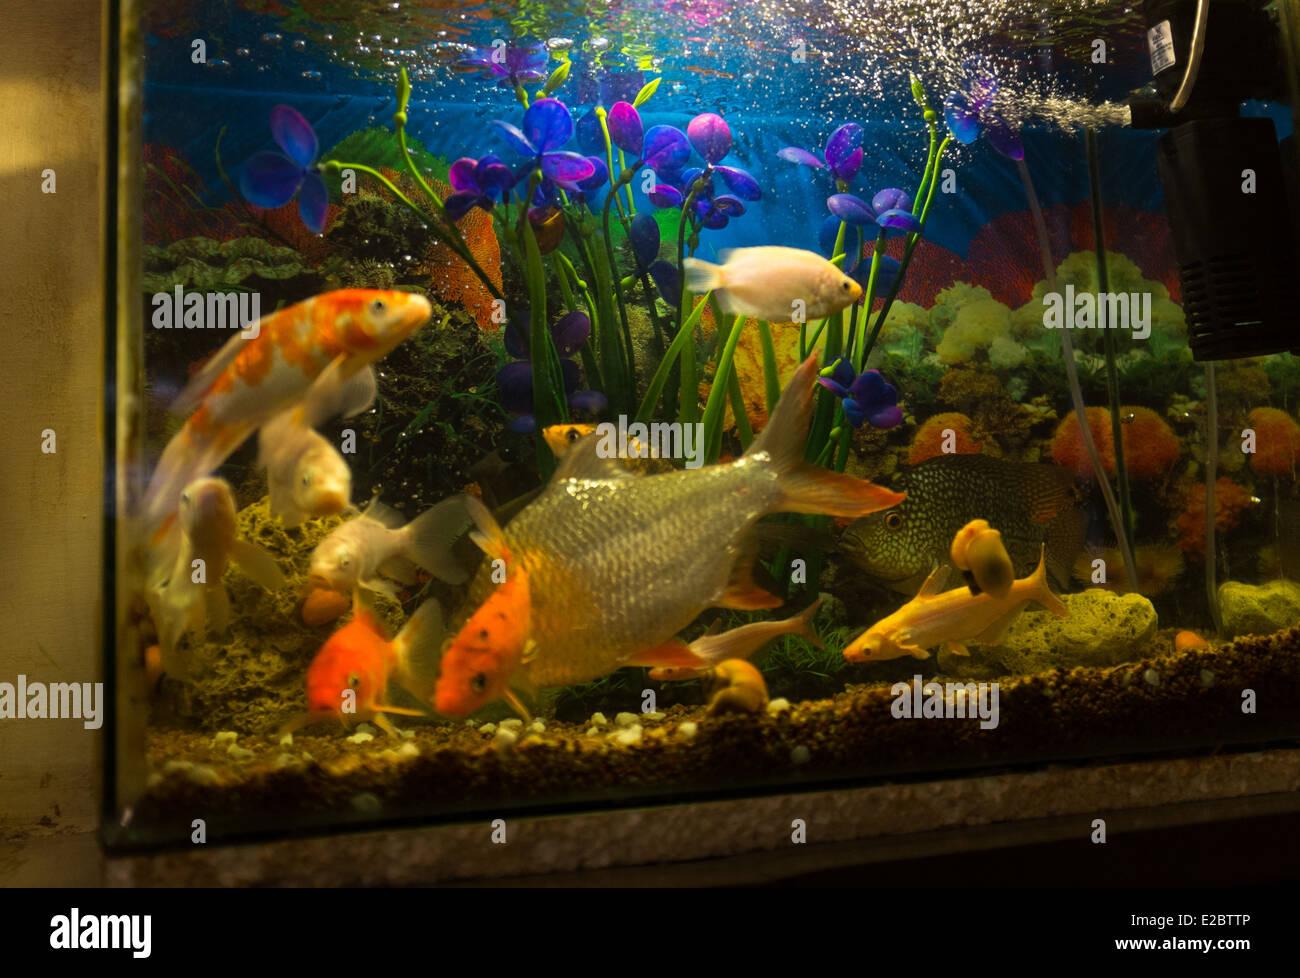 Fish price for aquarium in india - Fish Swim In A Fresh Water Aquarium In New Delhi India